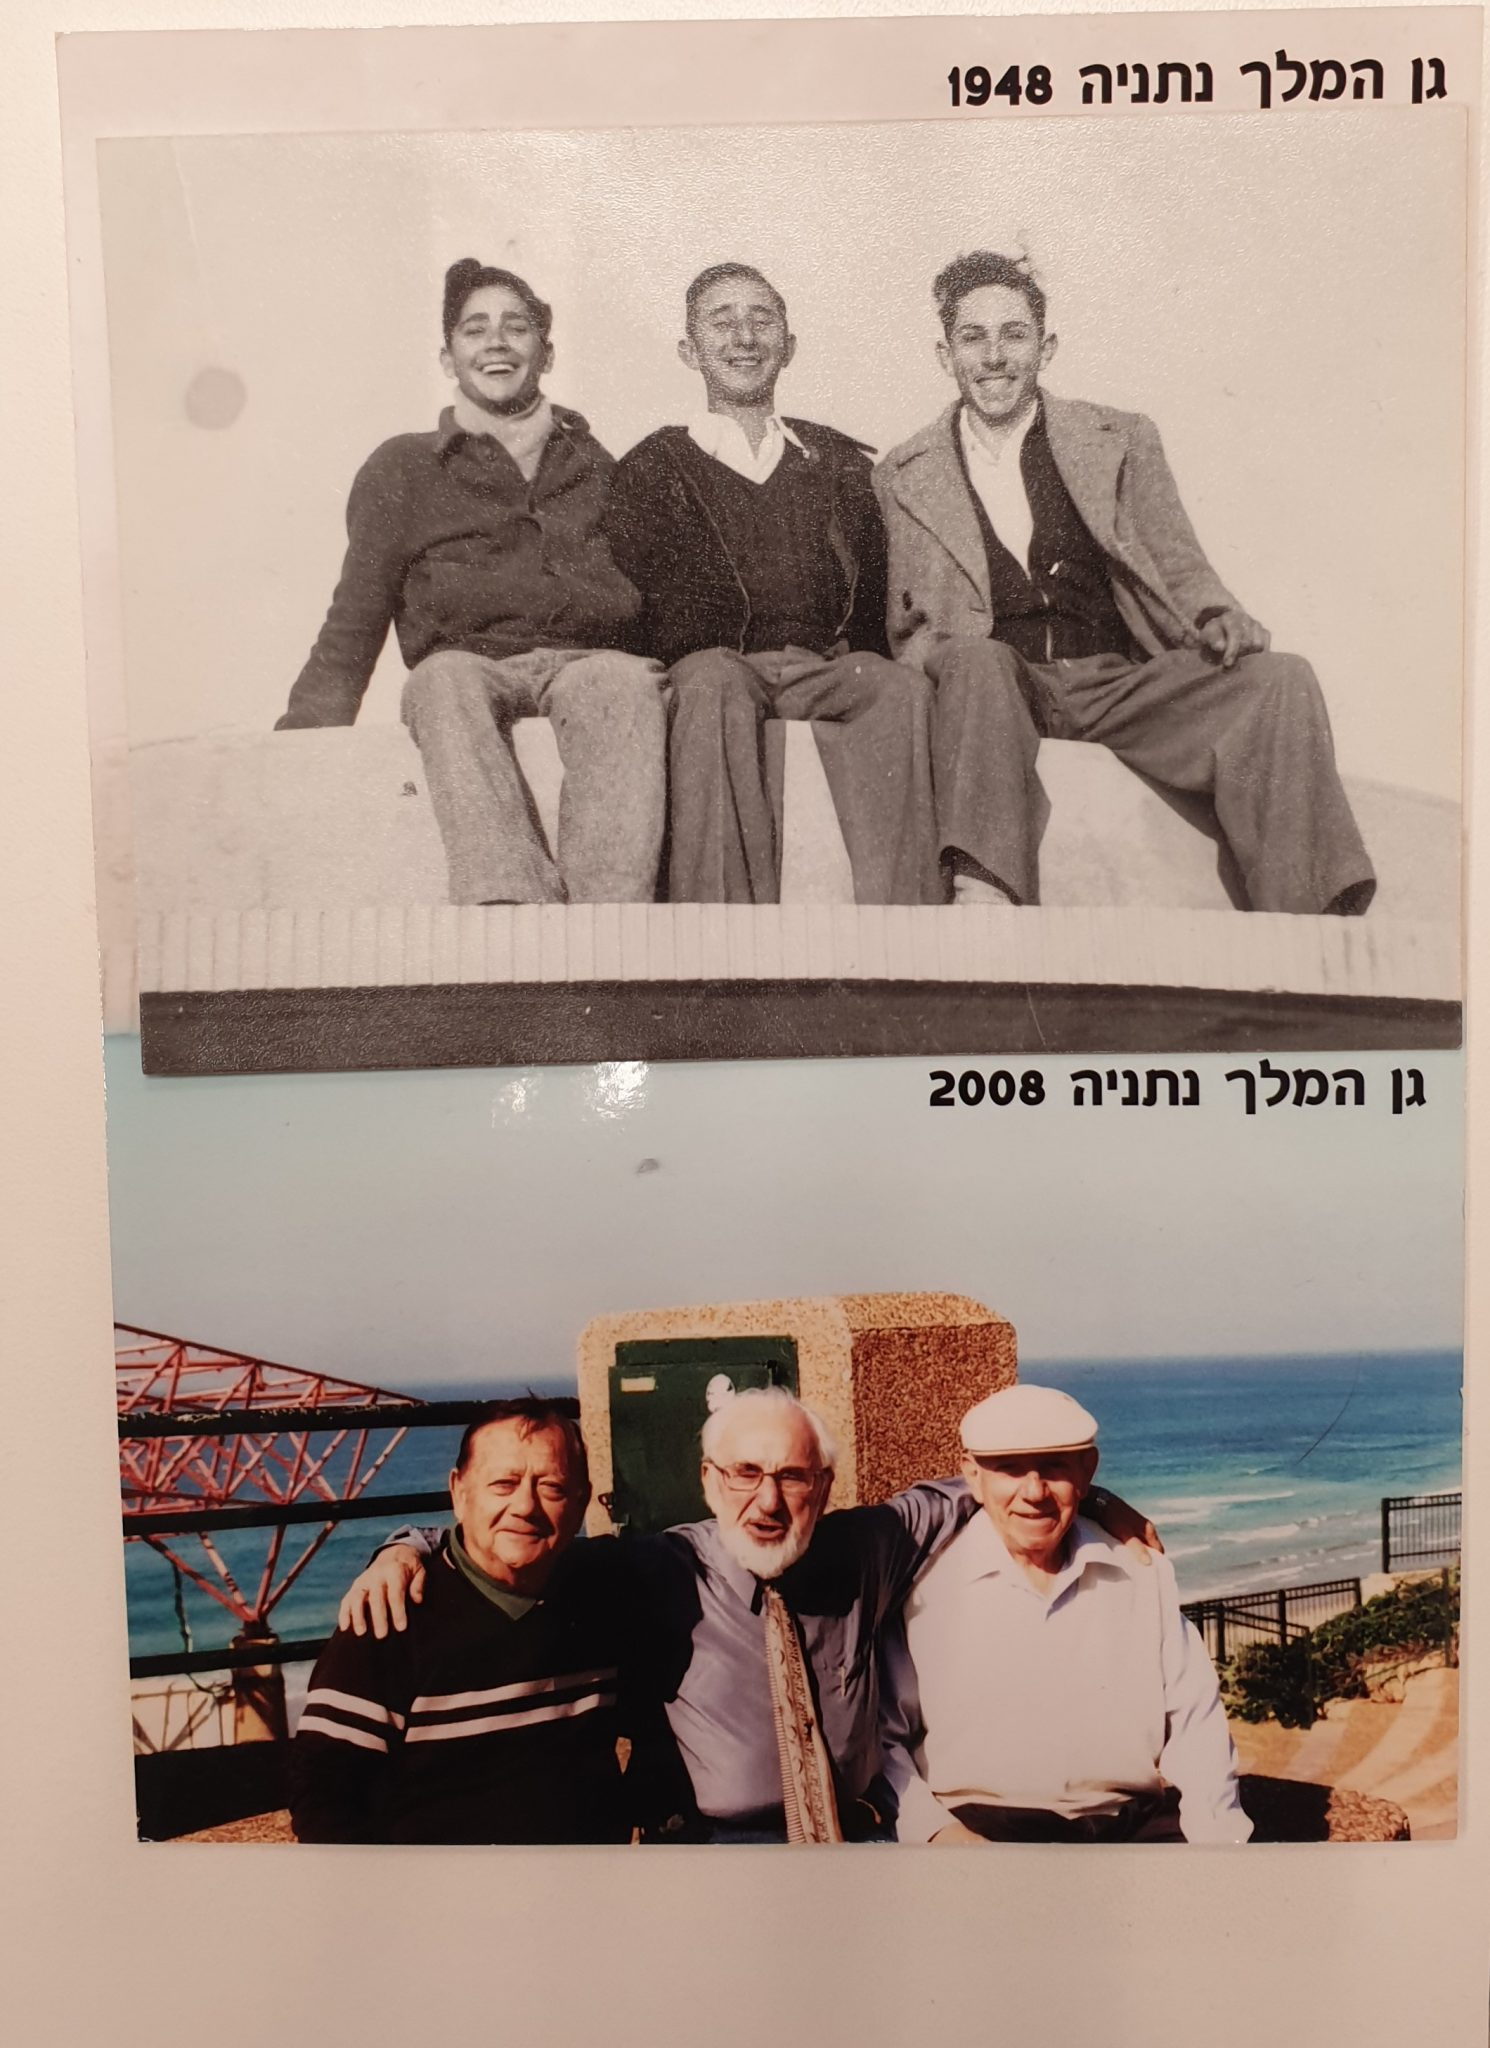 שאול סוויד משמאל אליהו יוסף סוויד מימין